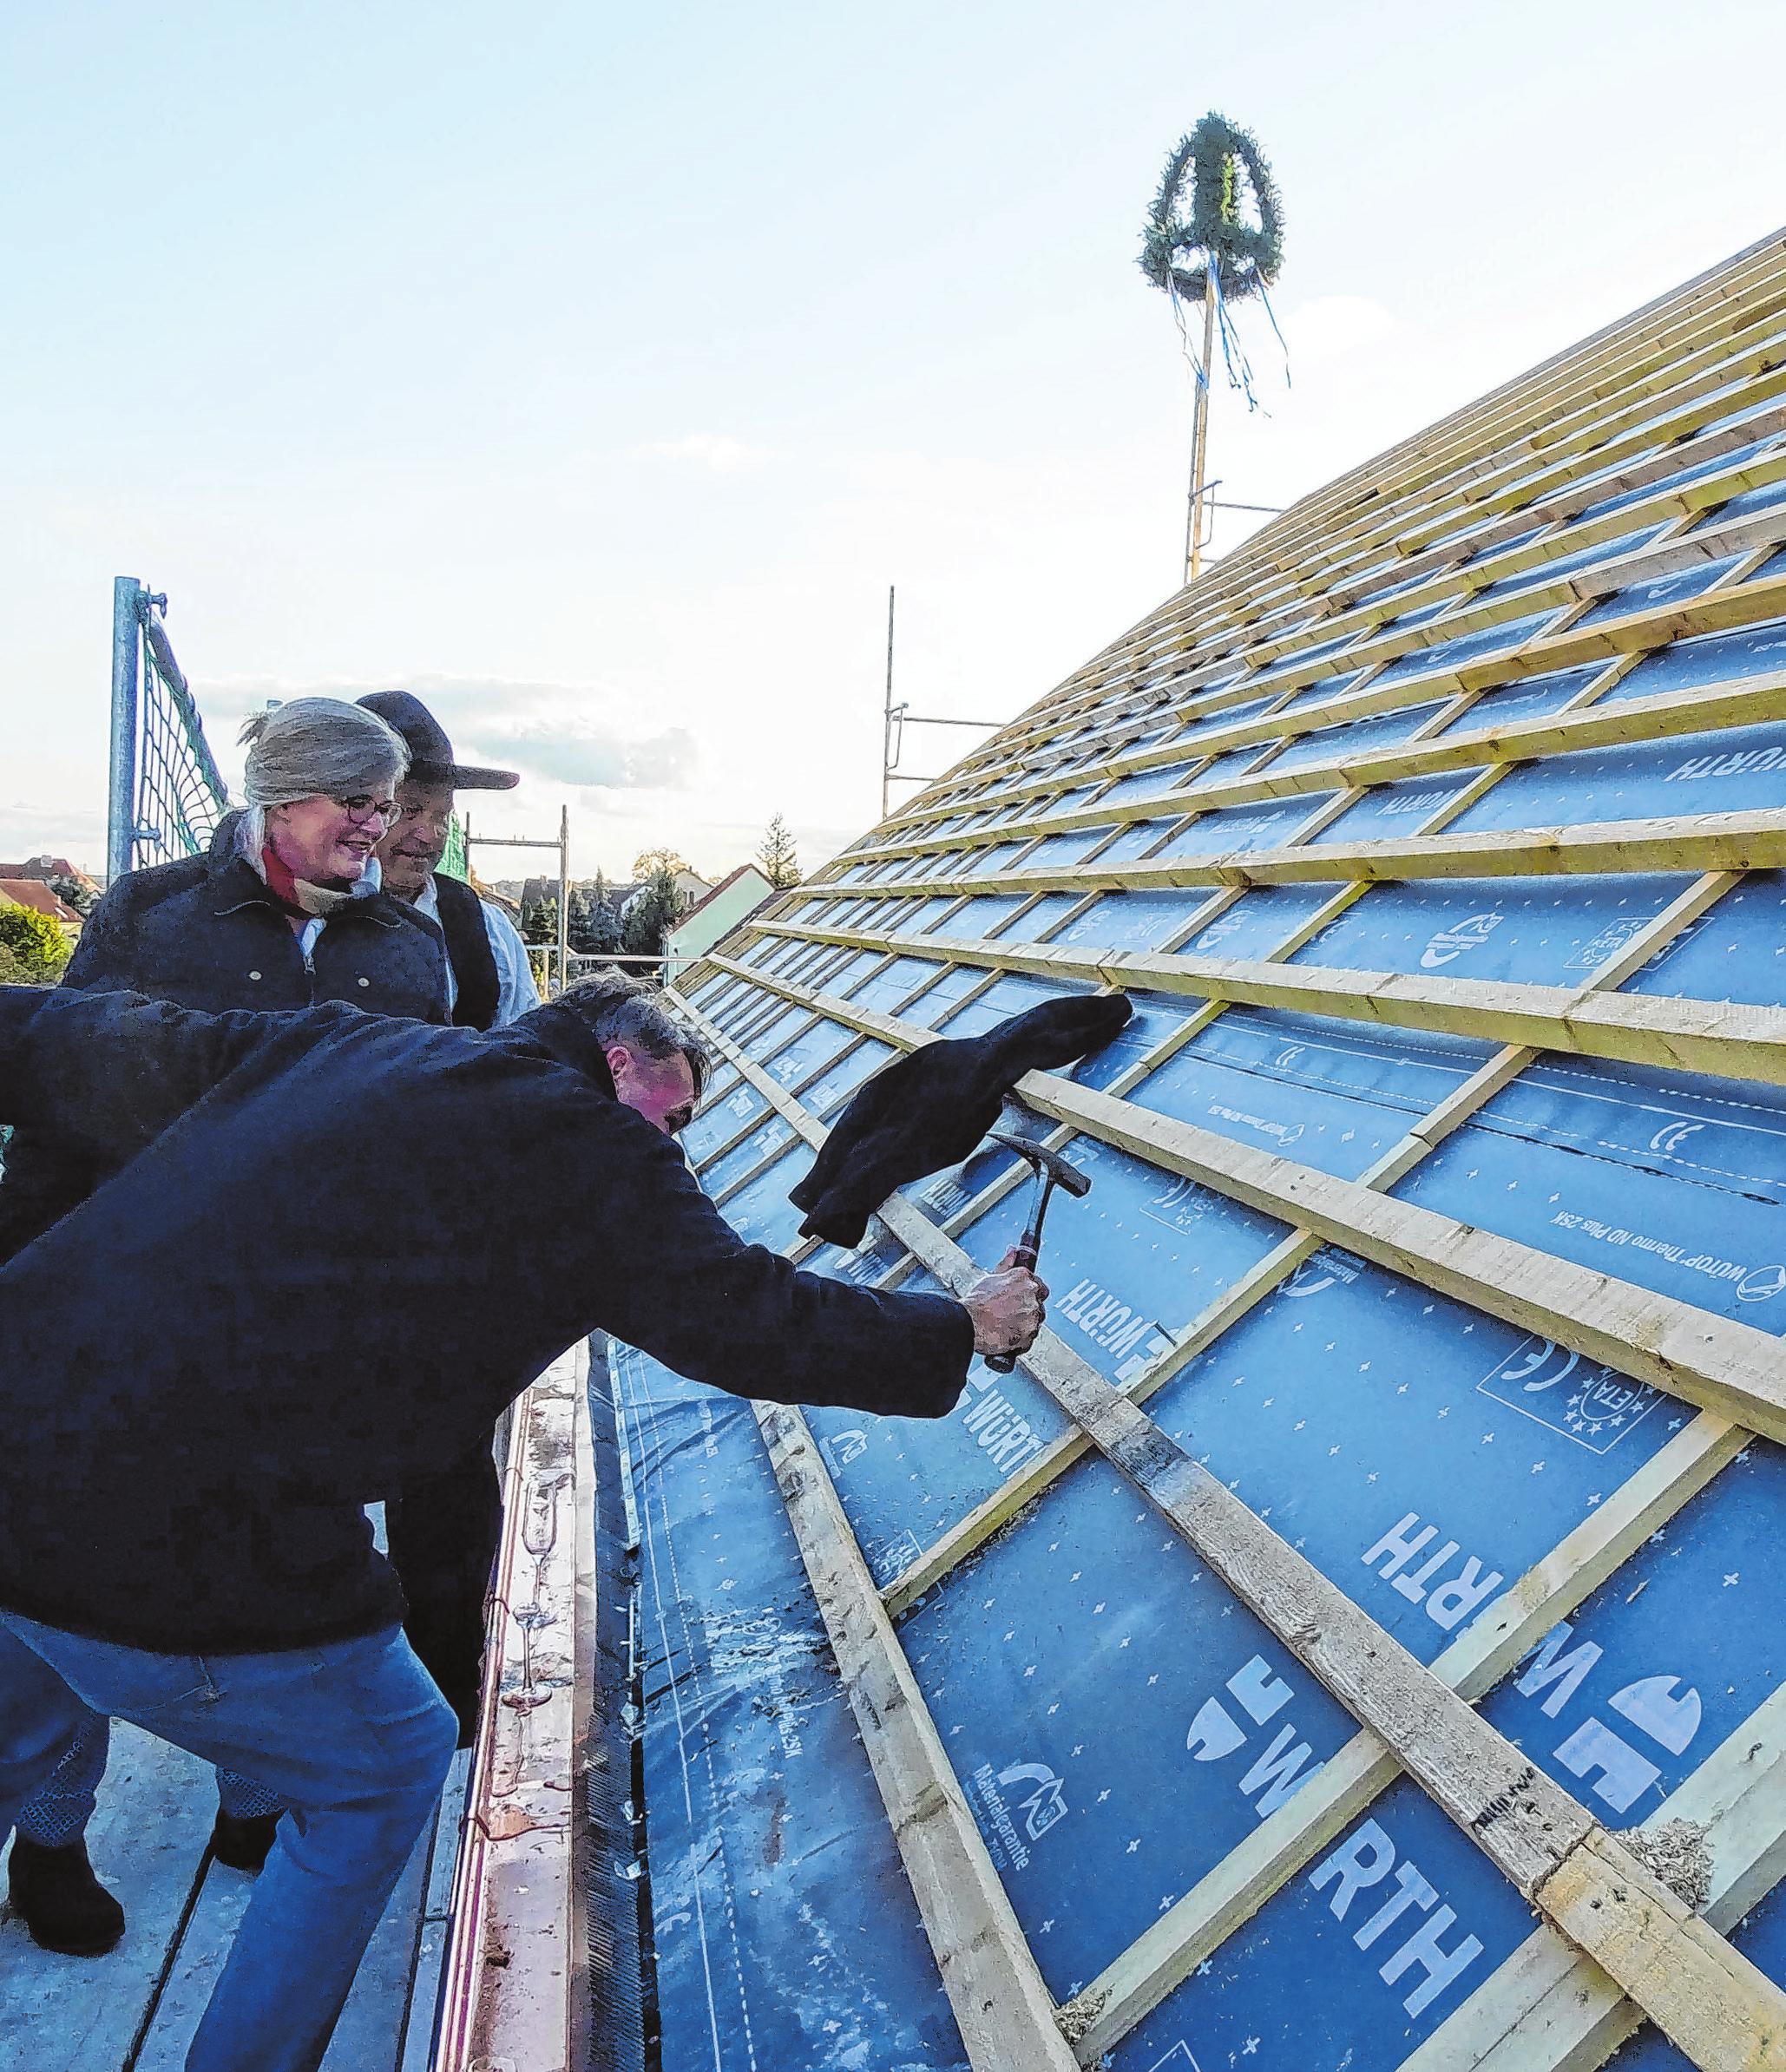 Wie es Brauch ist, schlägt der Bauherr beim Richtfest den letzten Nagel in den Dachstuhl. Fotos (2): Christine Schilg